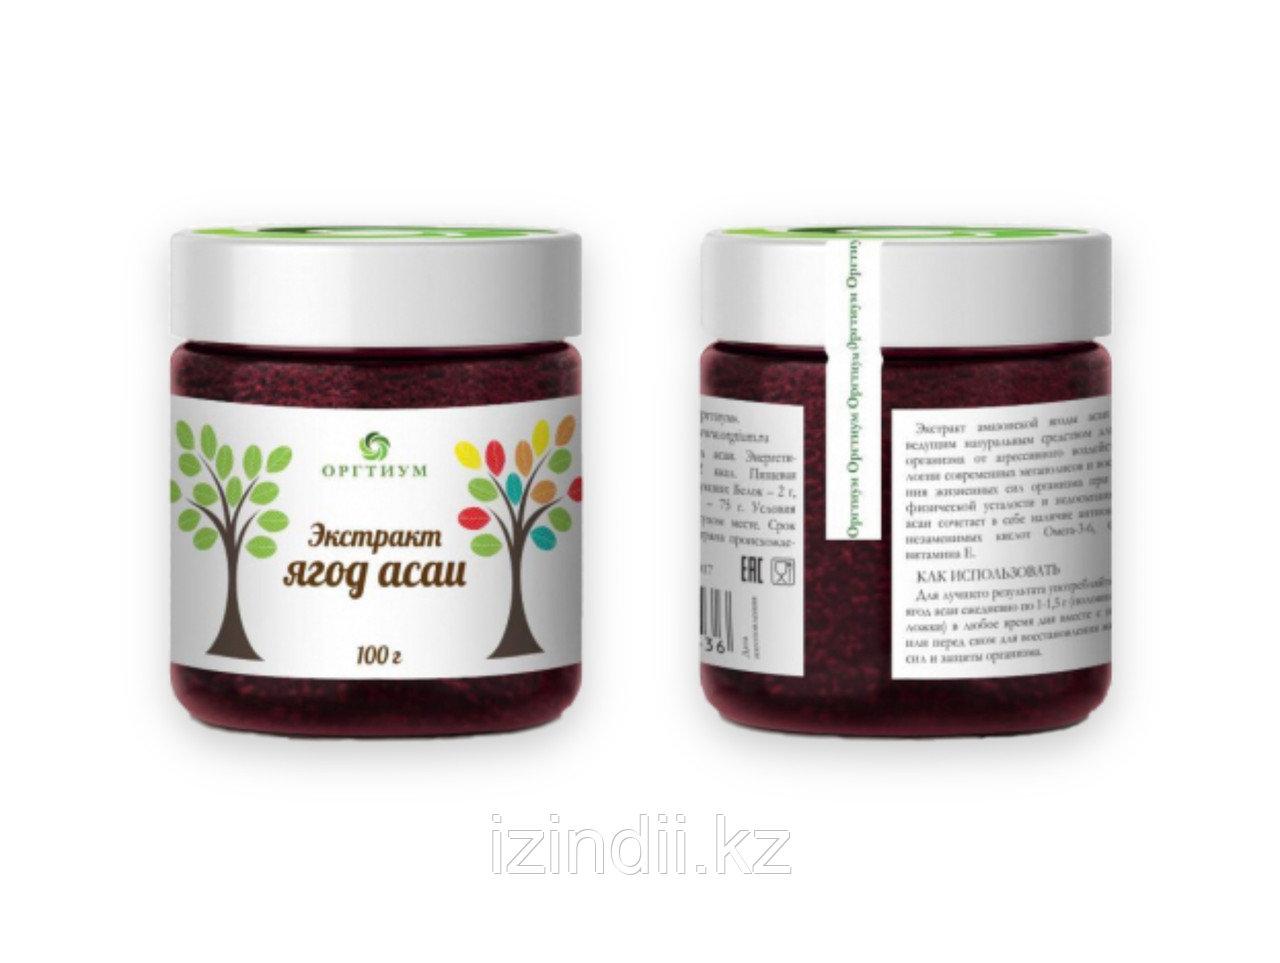 Экстракт амазонской ягоды асаи, является ведущим натуральным средством